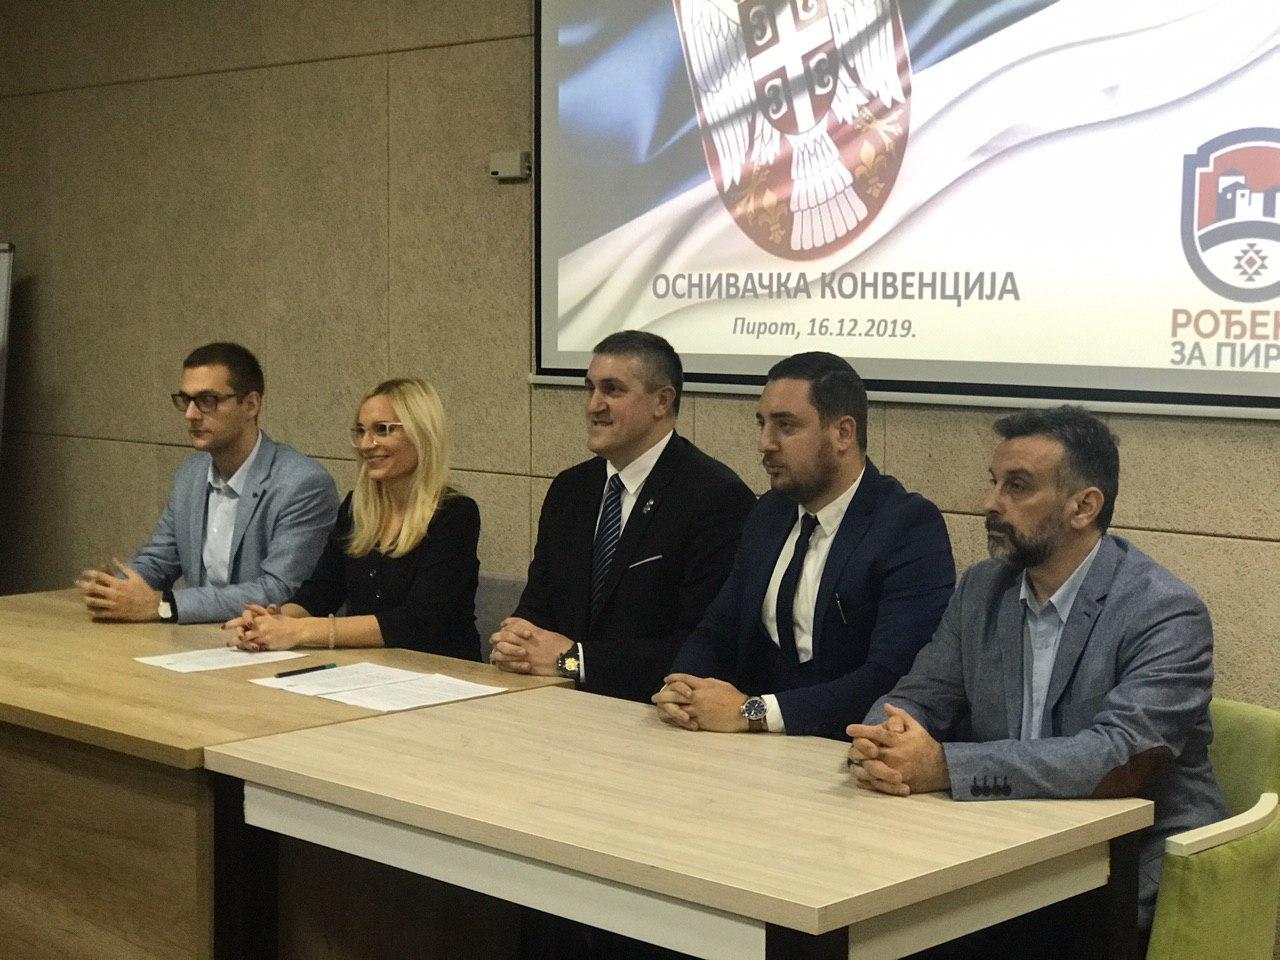 """Photo of Osnivačka skupština Pokreta """"Rođeni za Pirot"""""""